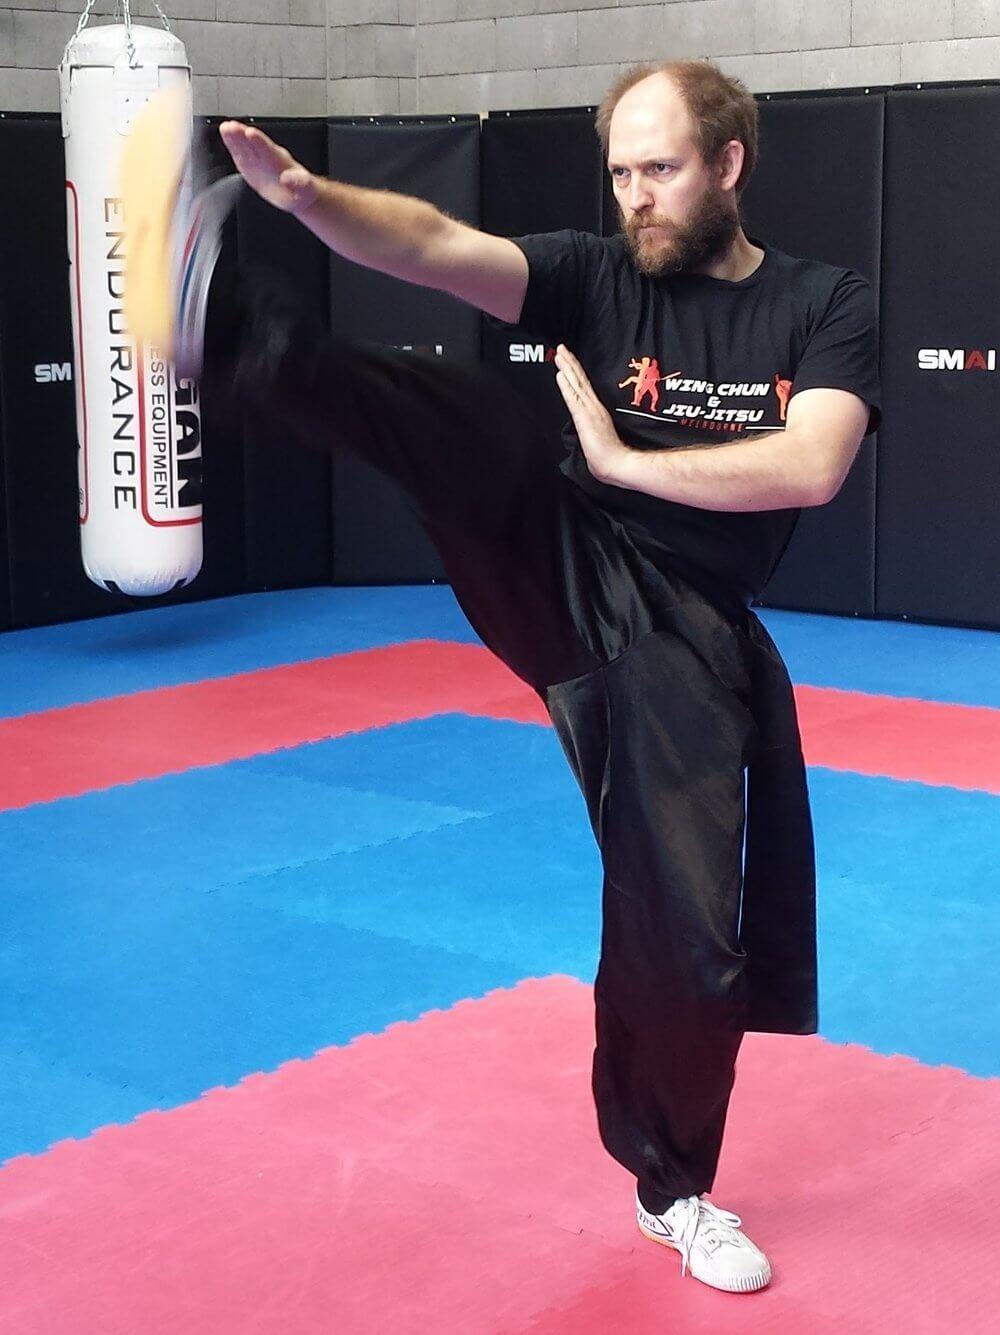 Wing Chun & Jiu-Jitsu Melbourne - Trainor in Wing Chun Biu Sao front kick 05